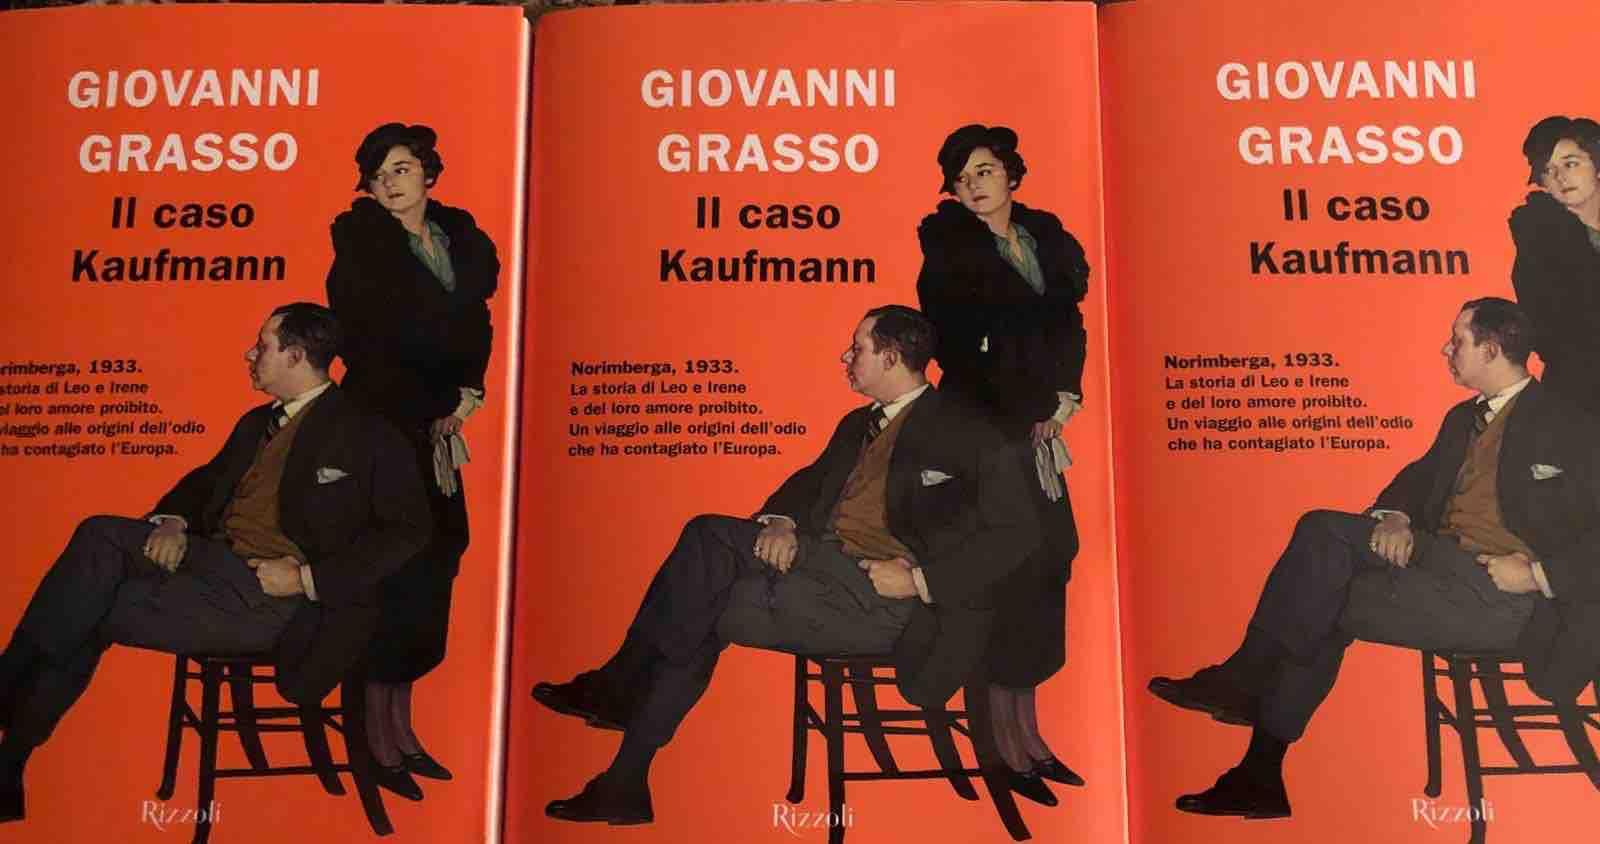 Giovanni Grasso Il caso Kaufmann